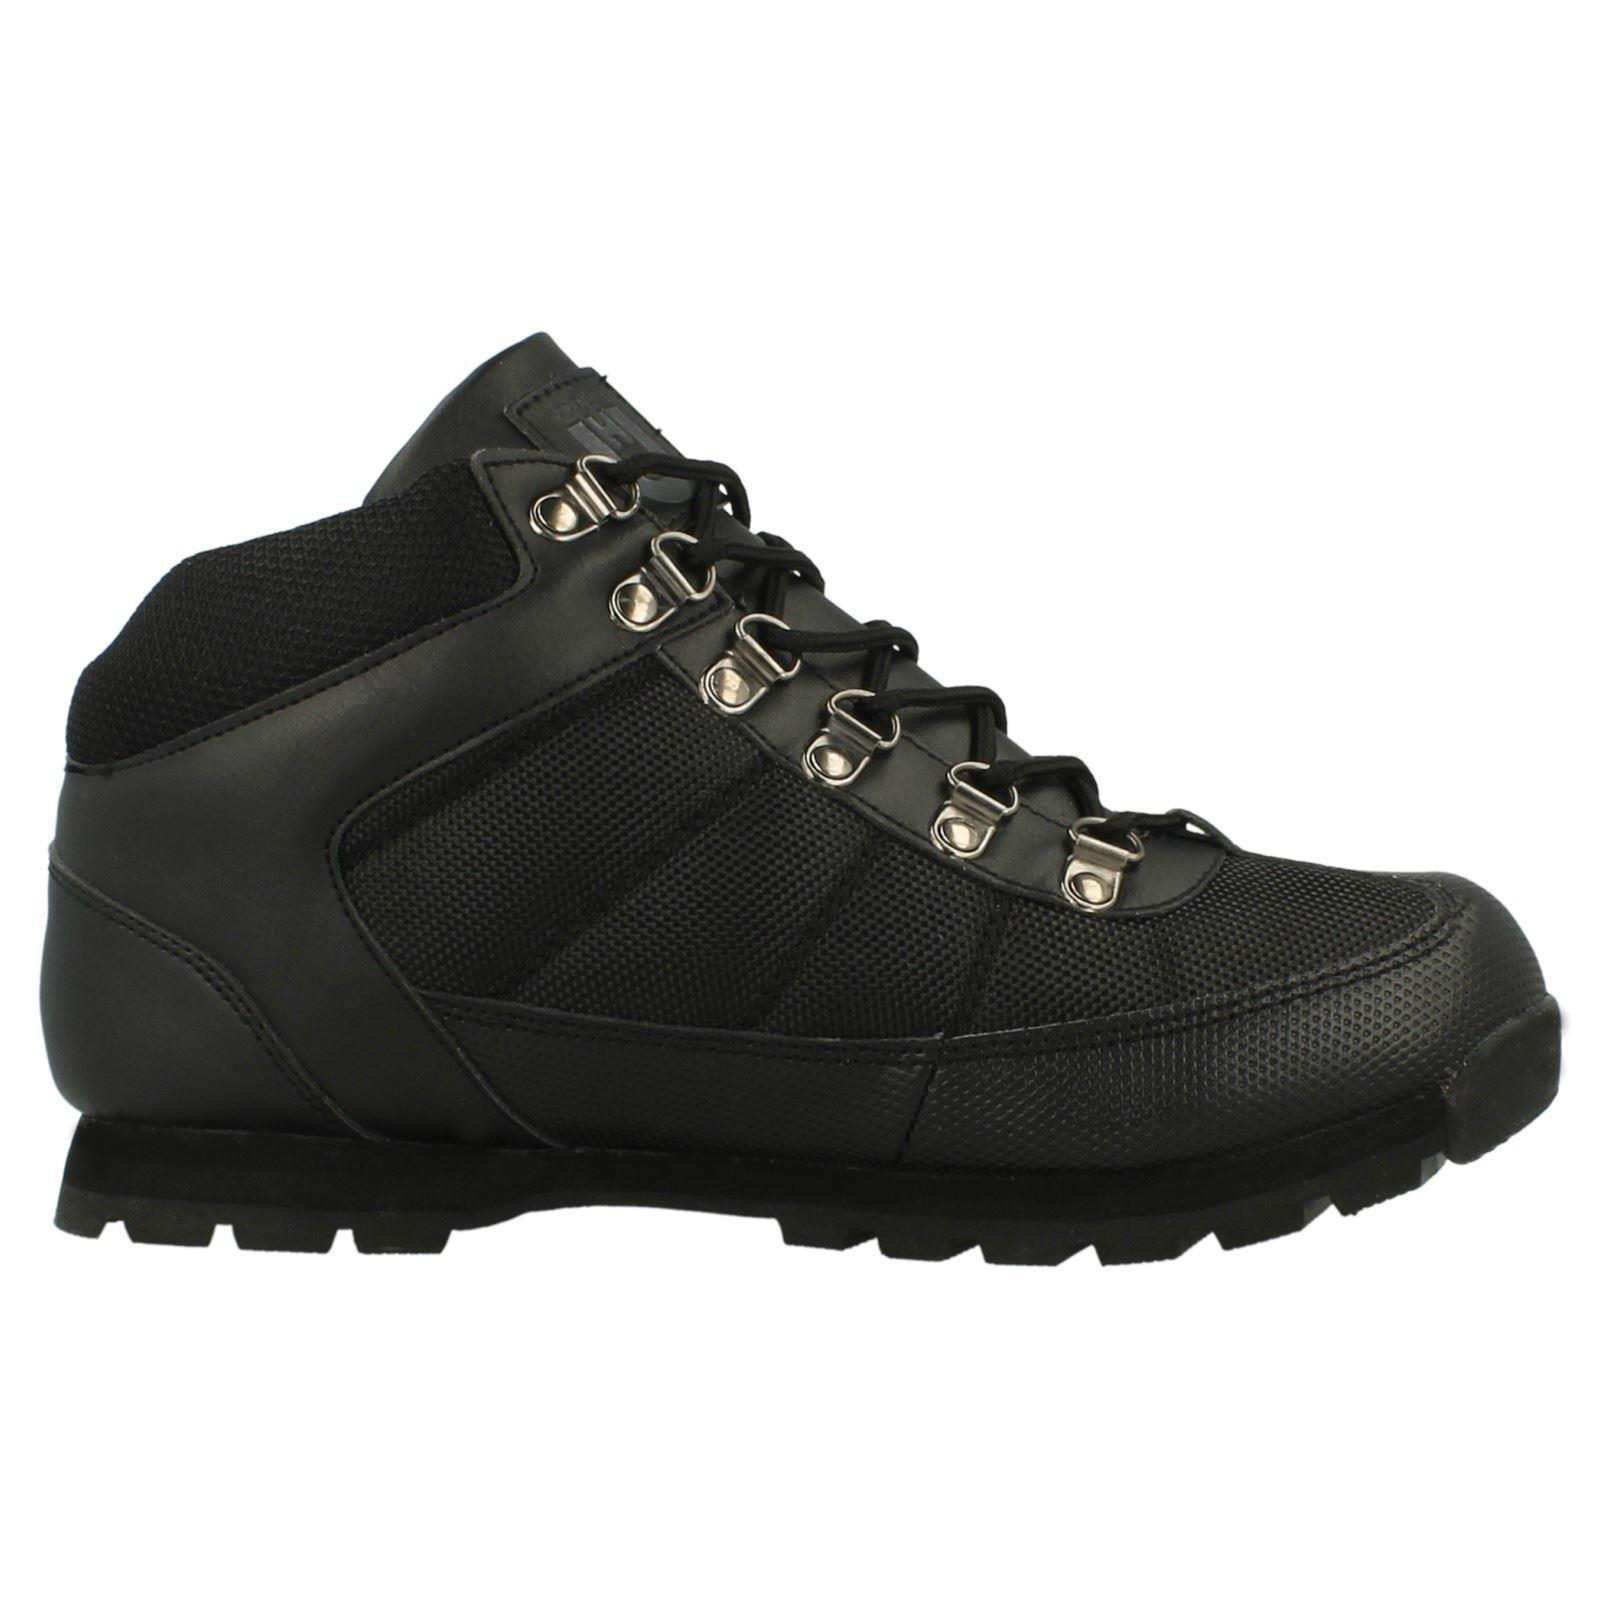 Henleys-unsunghero-Para-hombre-Botas-para-Caminar-Con-Cordones-Zapatos-De-Invierno-Al-Aire-Libre-7 miniatura 9